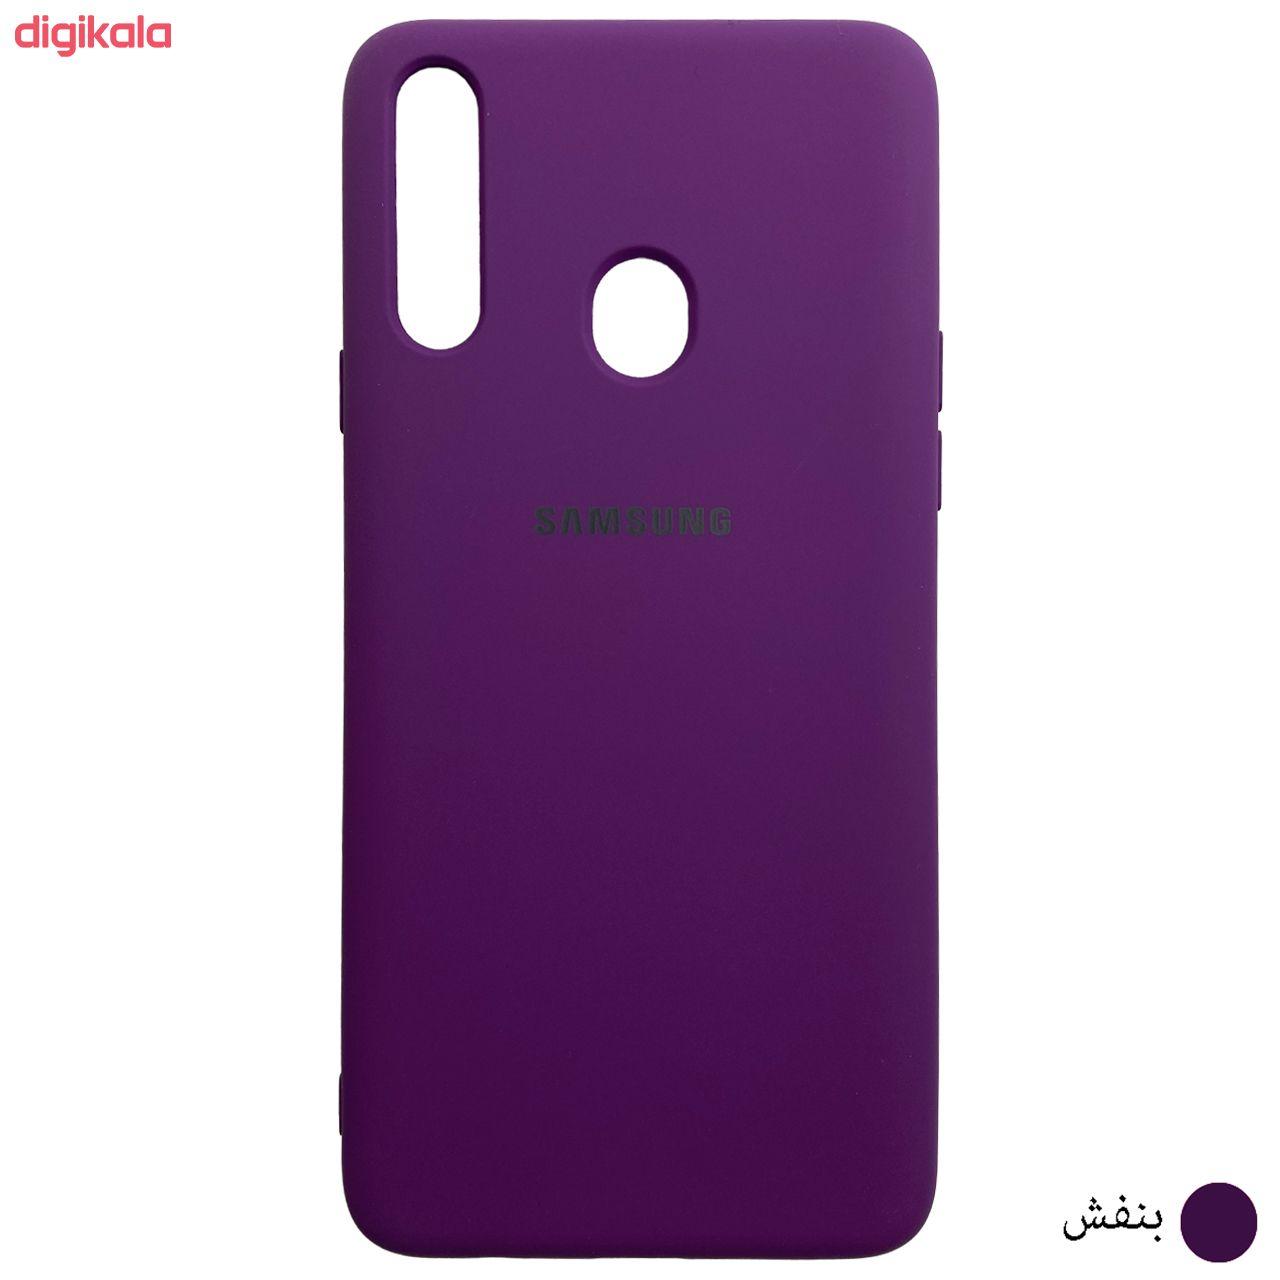 کاور مدل SCN مناسب برای گوشی موبایل سامسونگ Galaxy A20s main 1 6